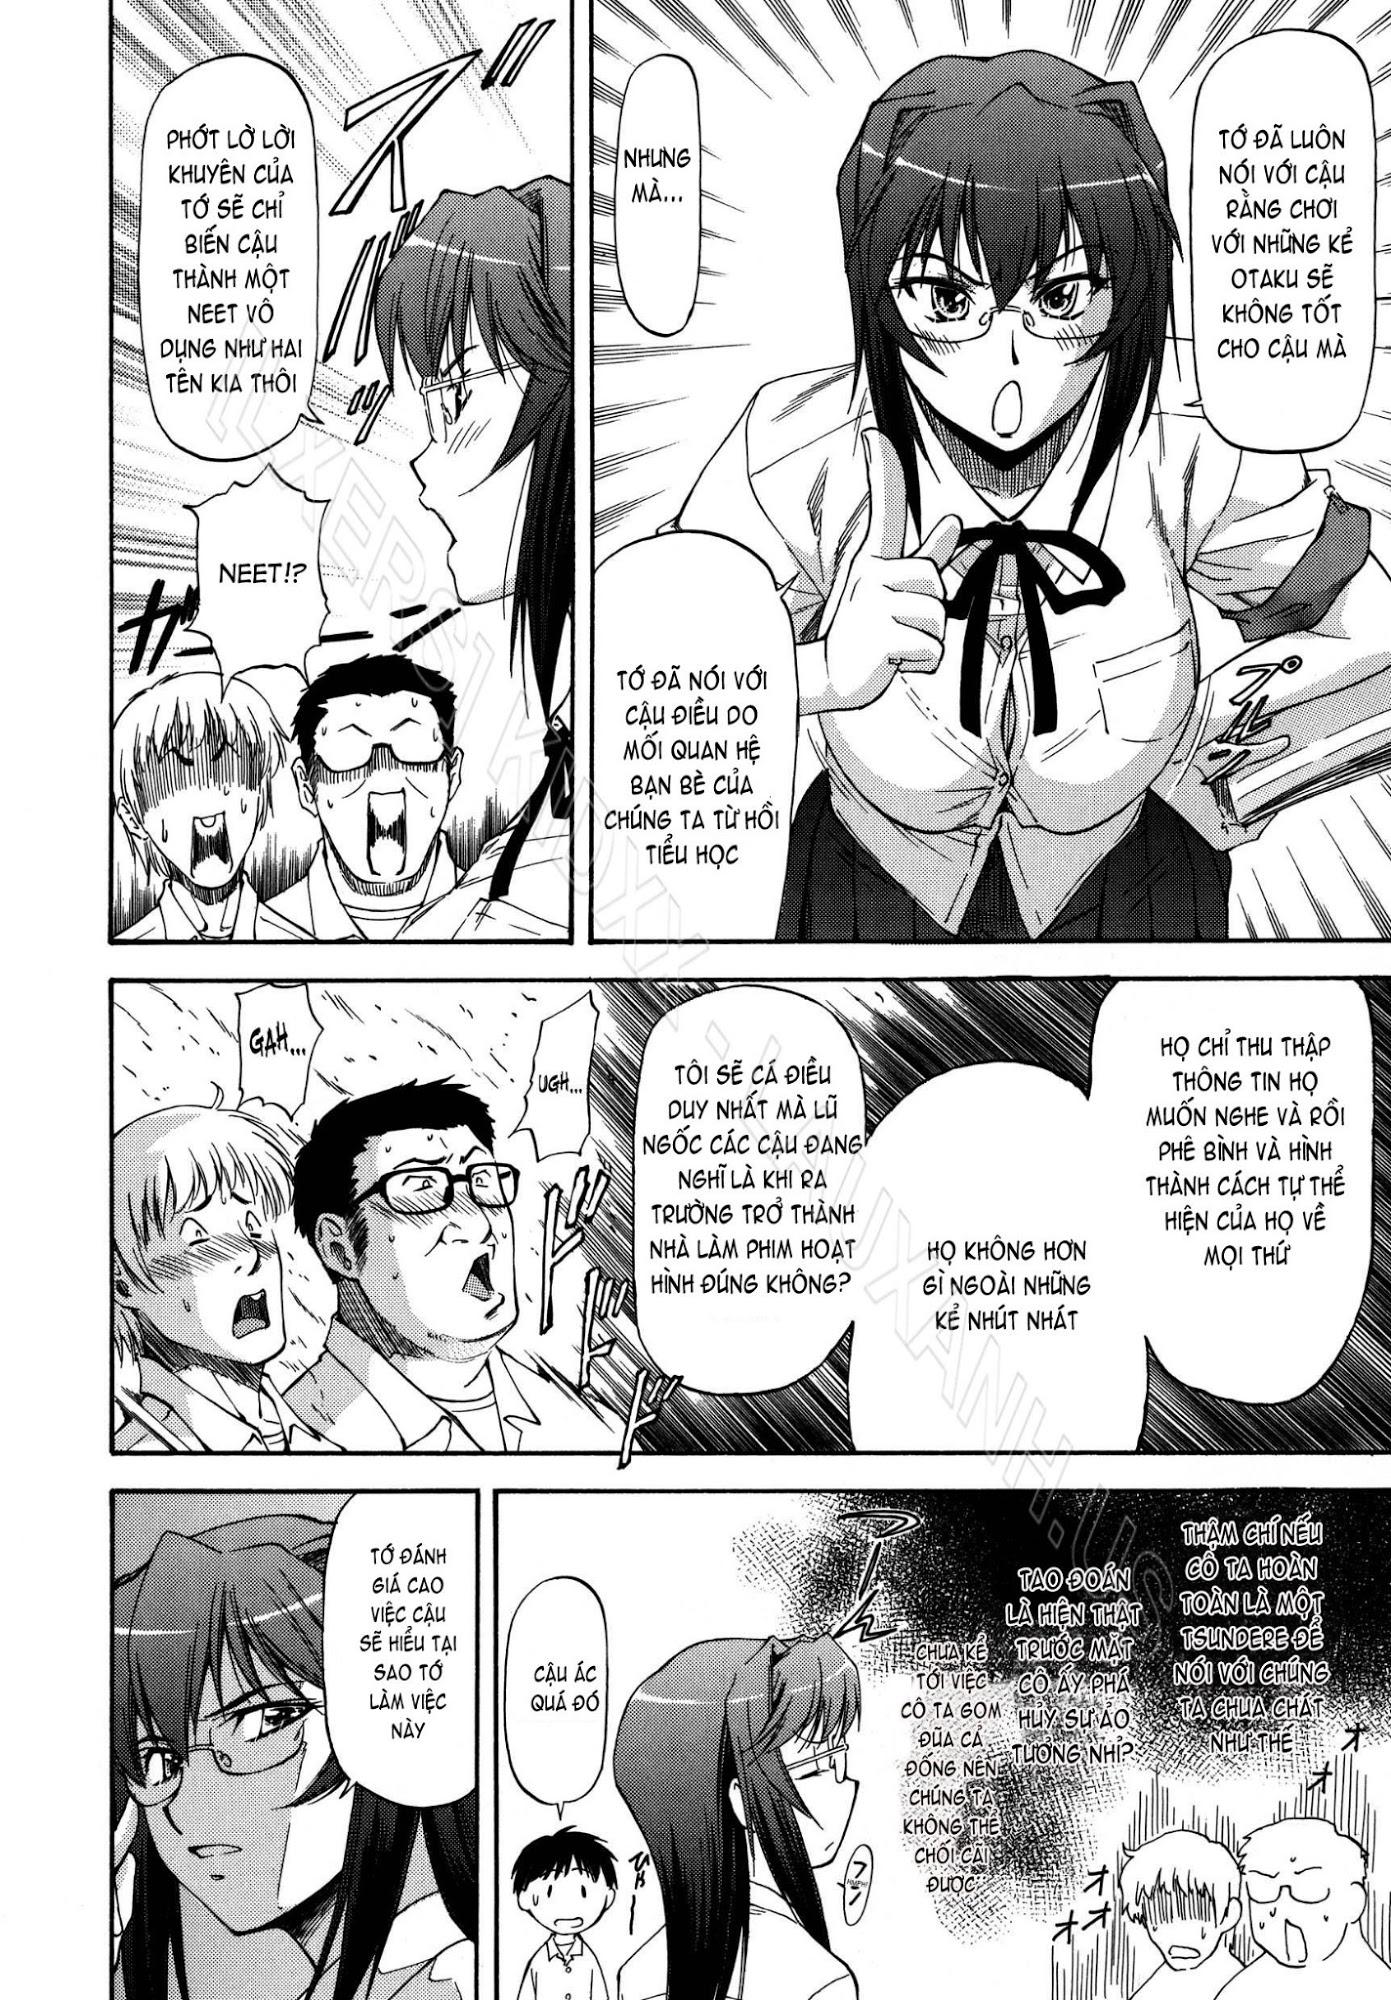 Hình ảnh Hinh_001 trong bài viết Truyện tranh hentai không che: Parabellum